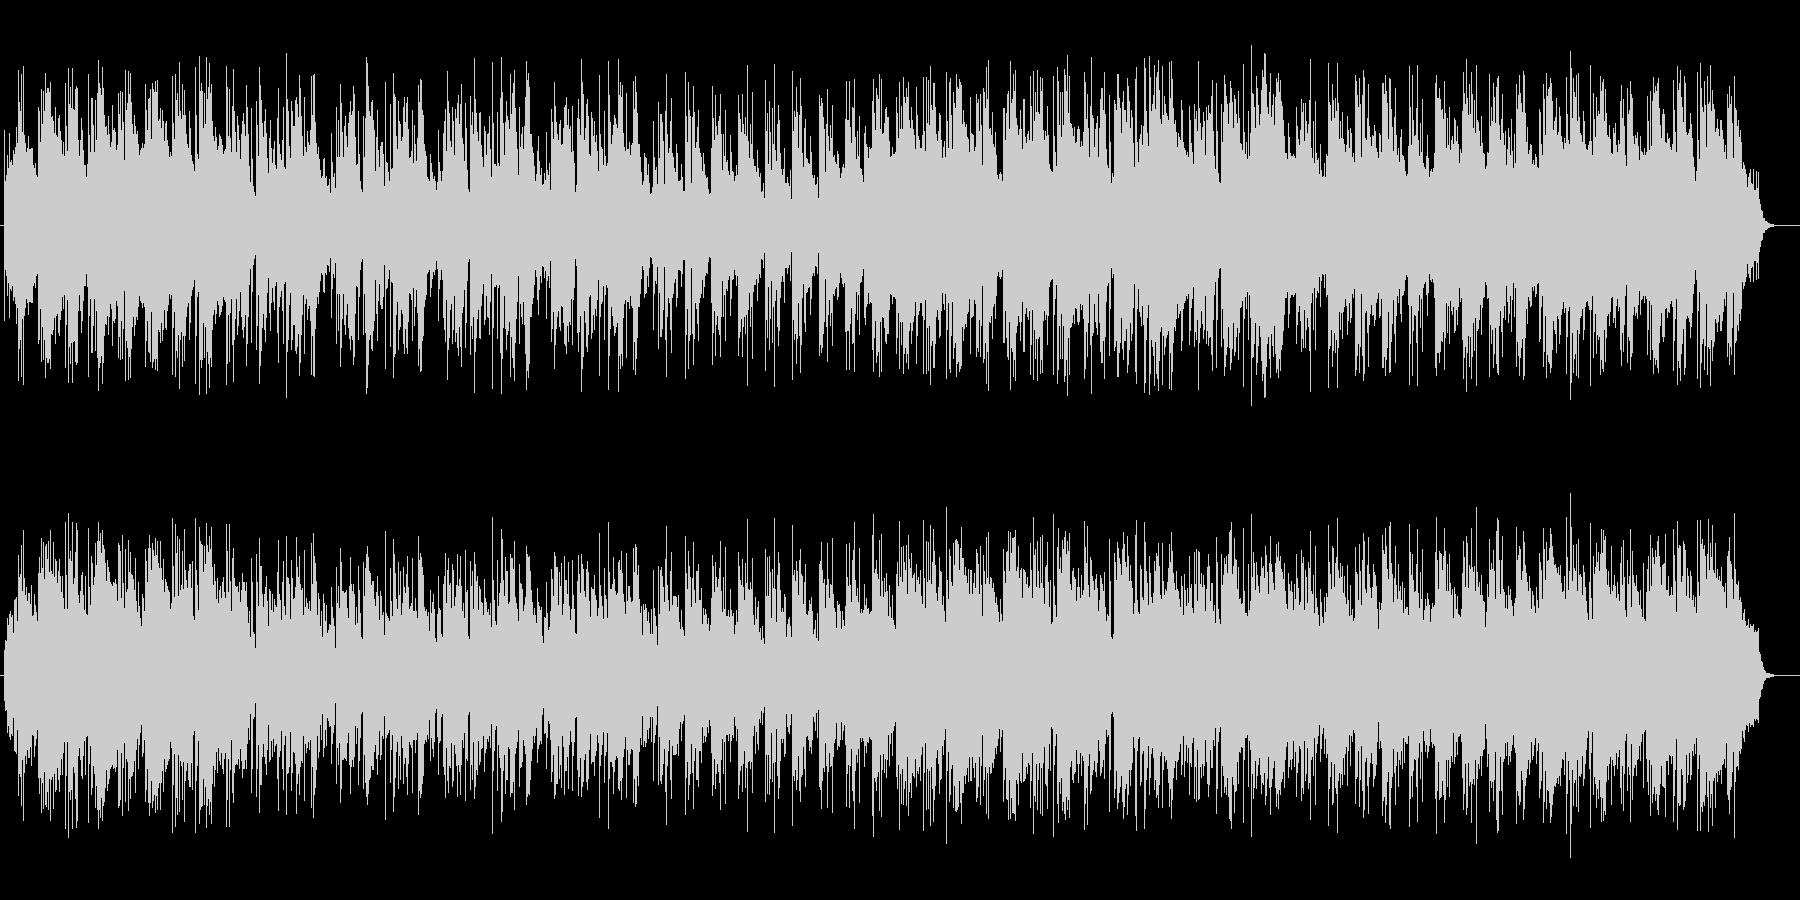 ゆったりとしたシンセサイザーのポップスの未再生の波形